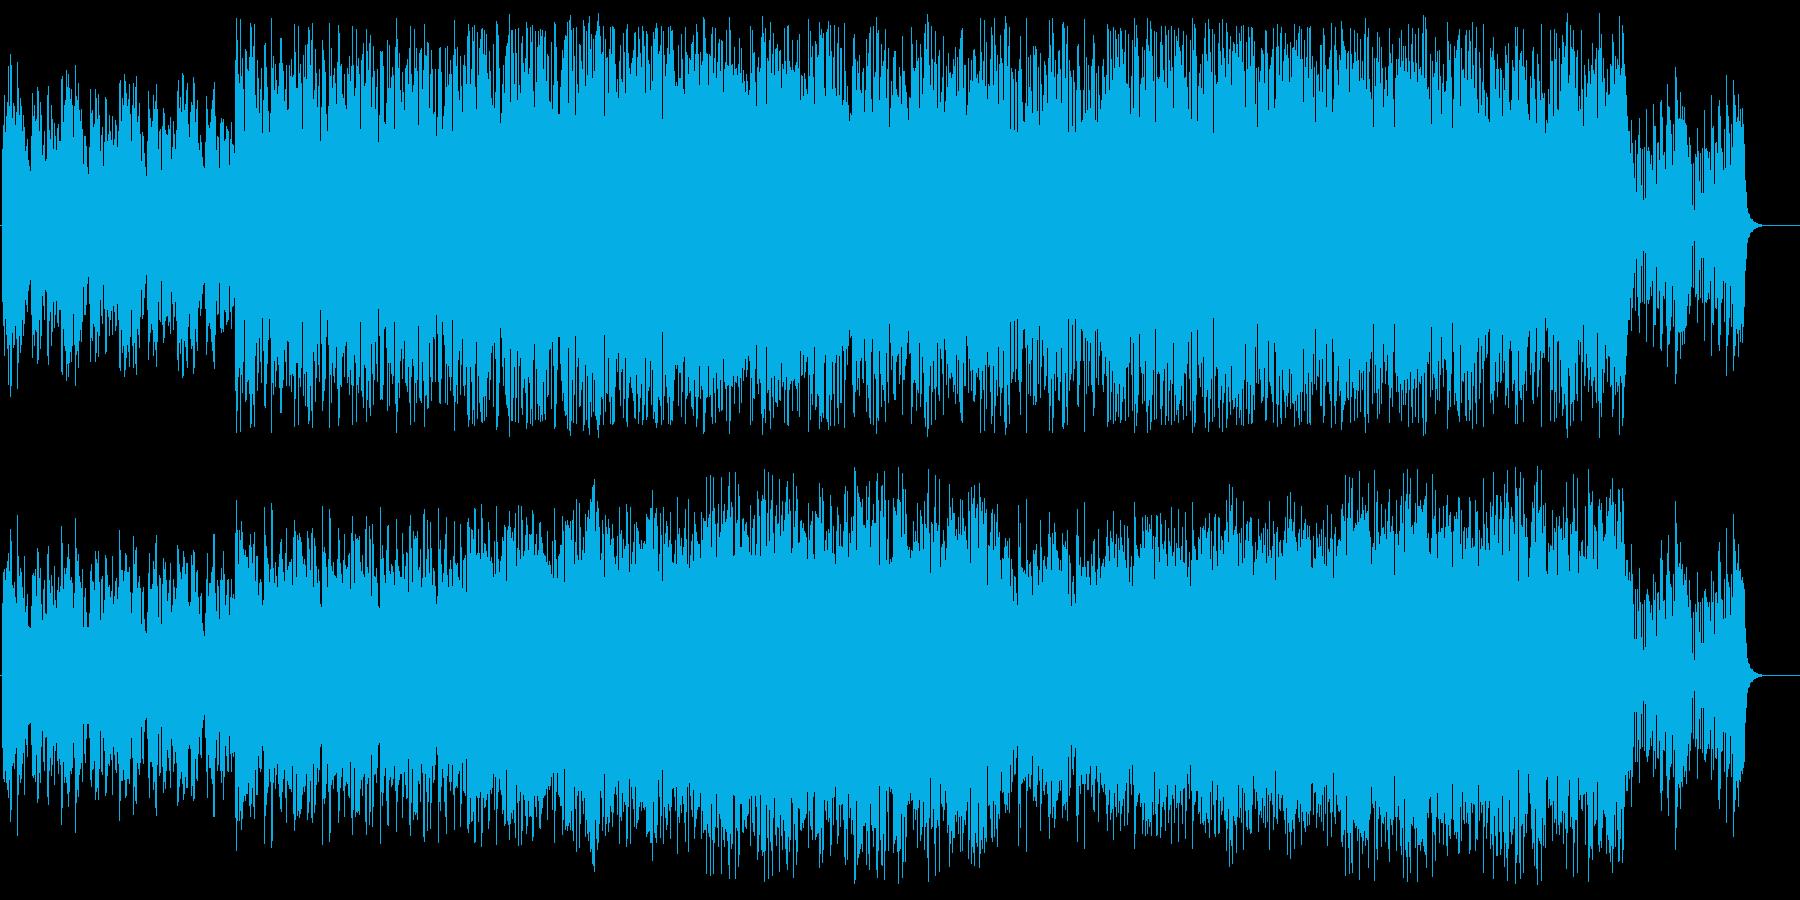 シリアスで不穏なシンセサイザーサウンドの再生済みの波形